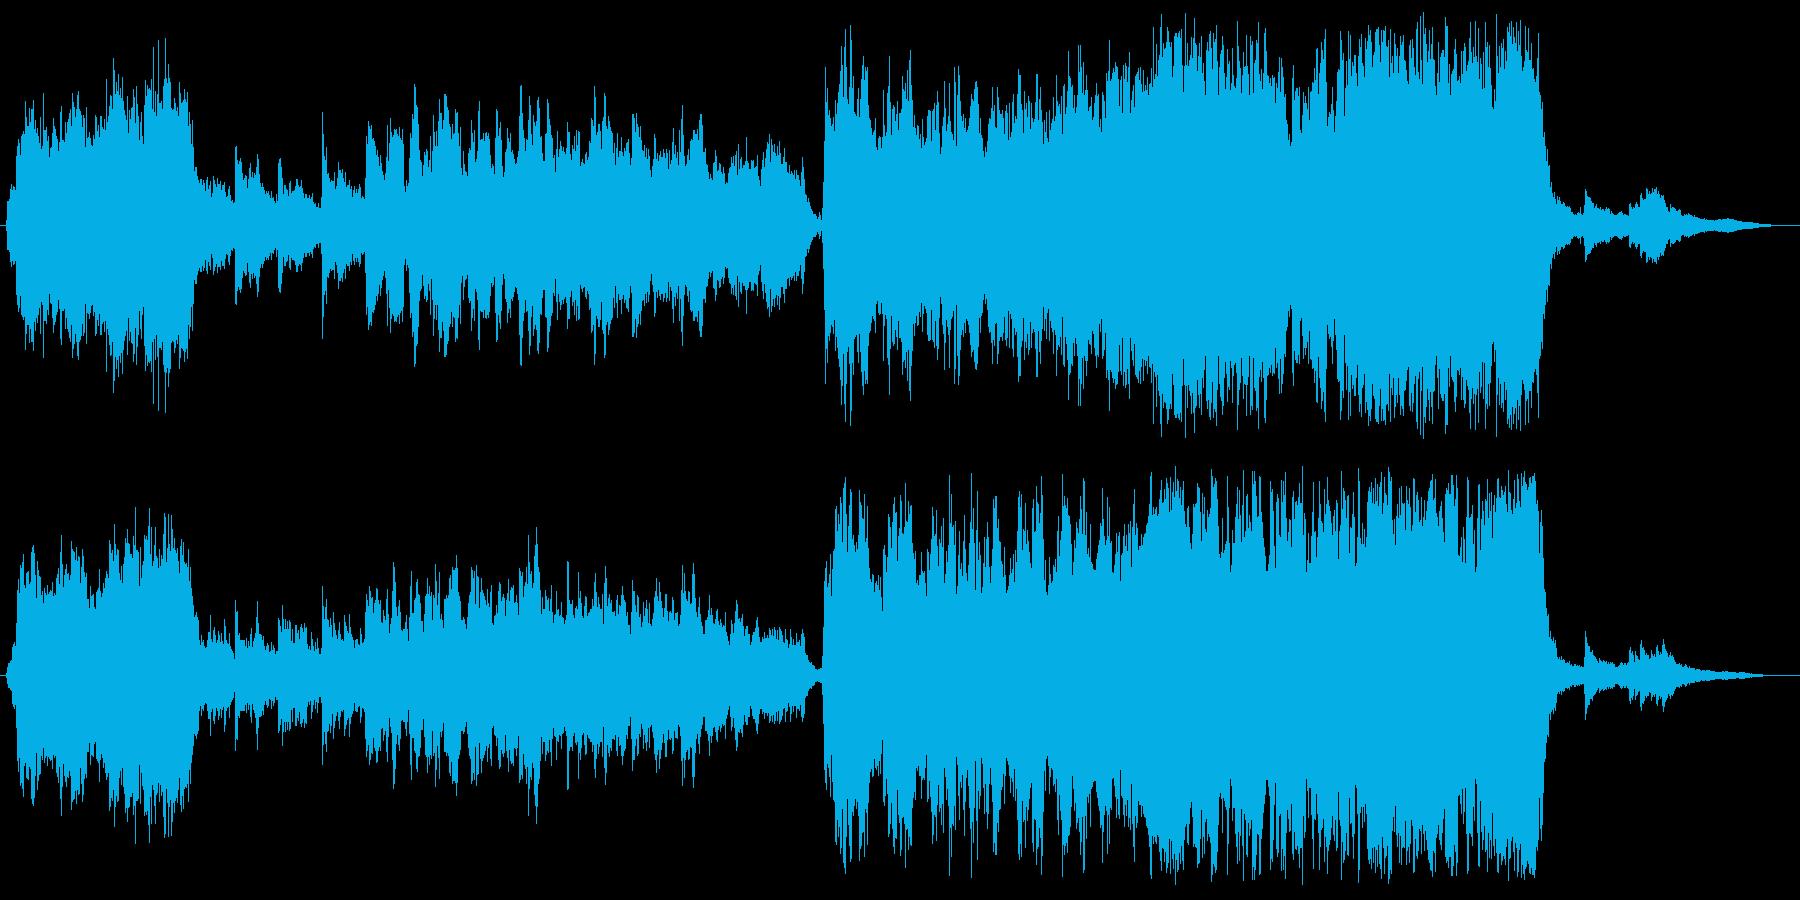 和楽器を用いた和風音楽です。の再生済みの波形